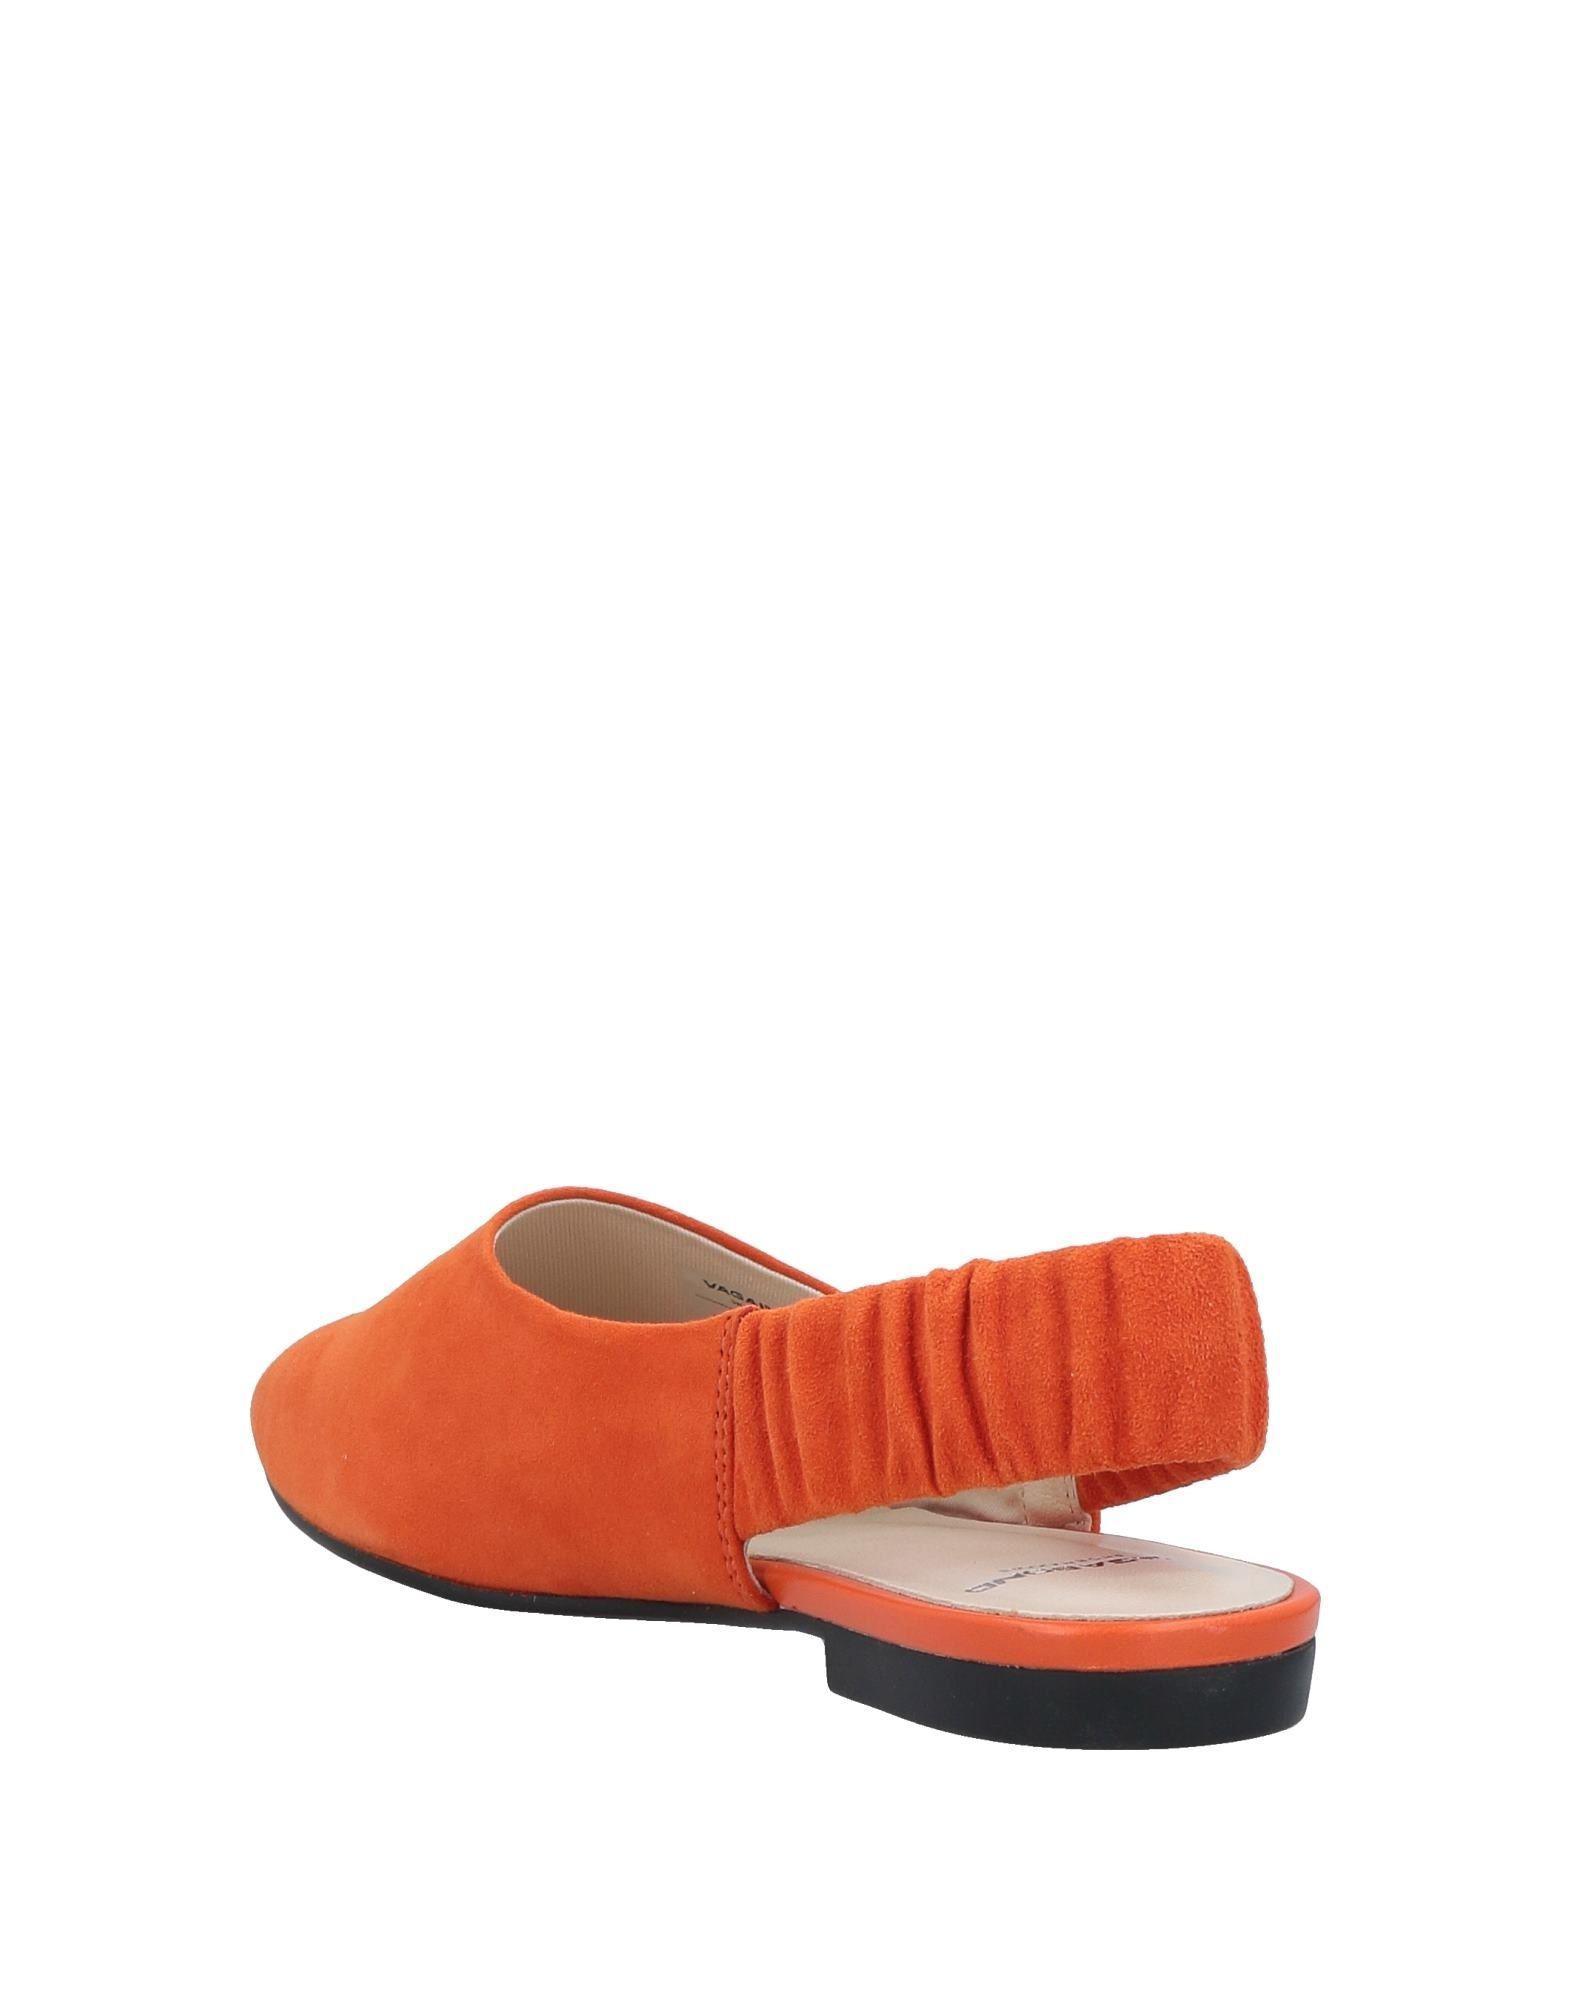 86863f5d18df Lyst - Vagabond Ballet Flats in Orange